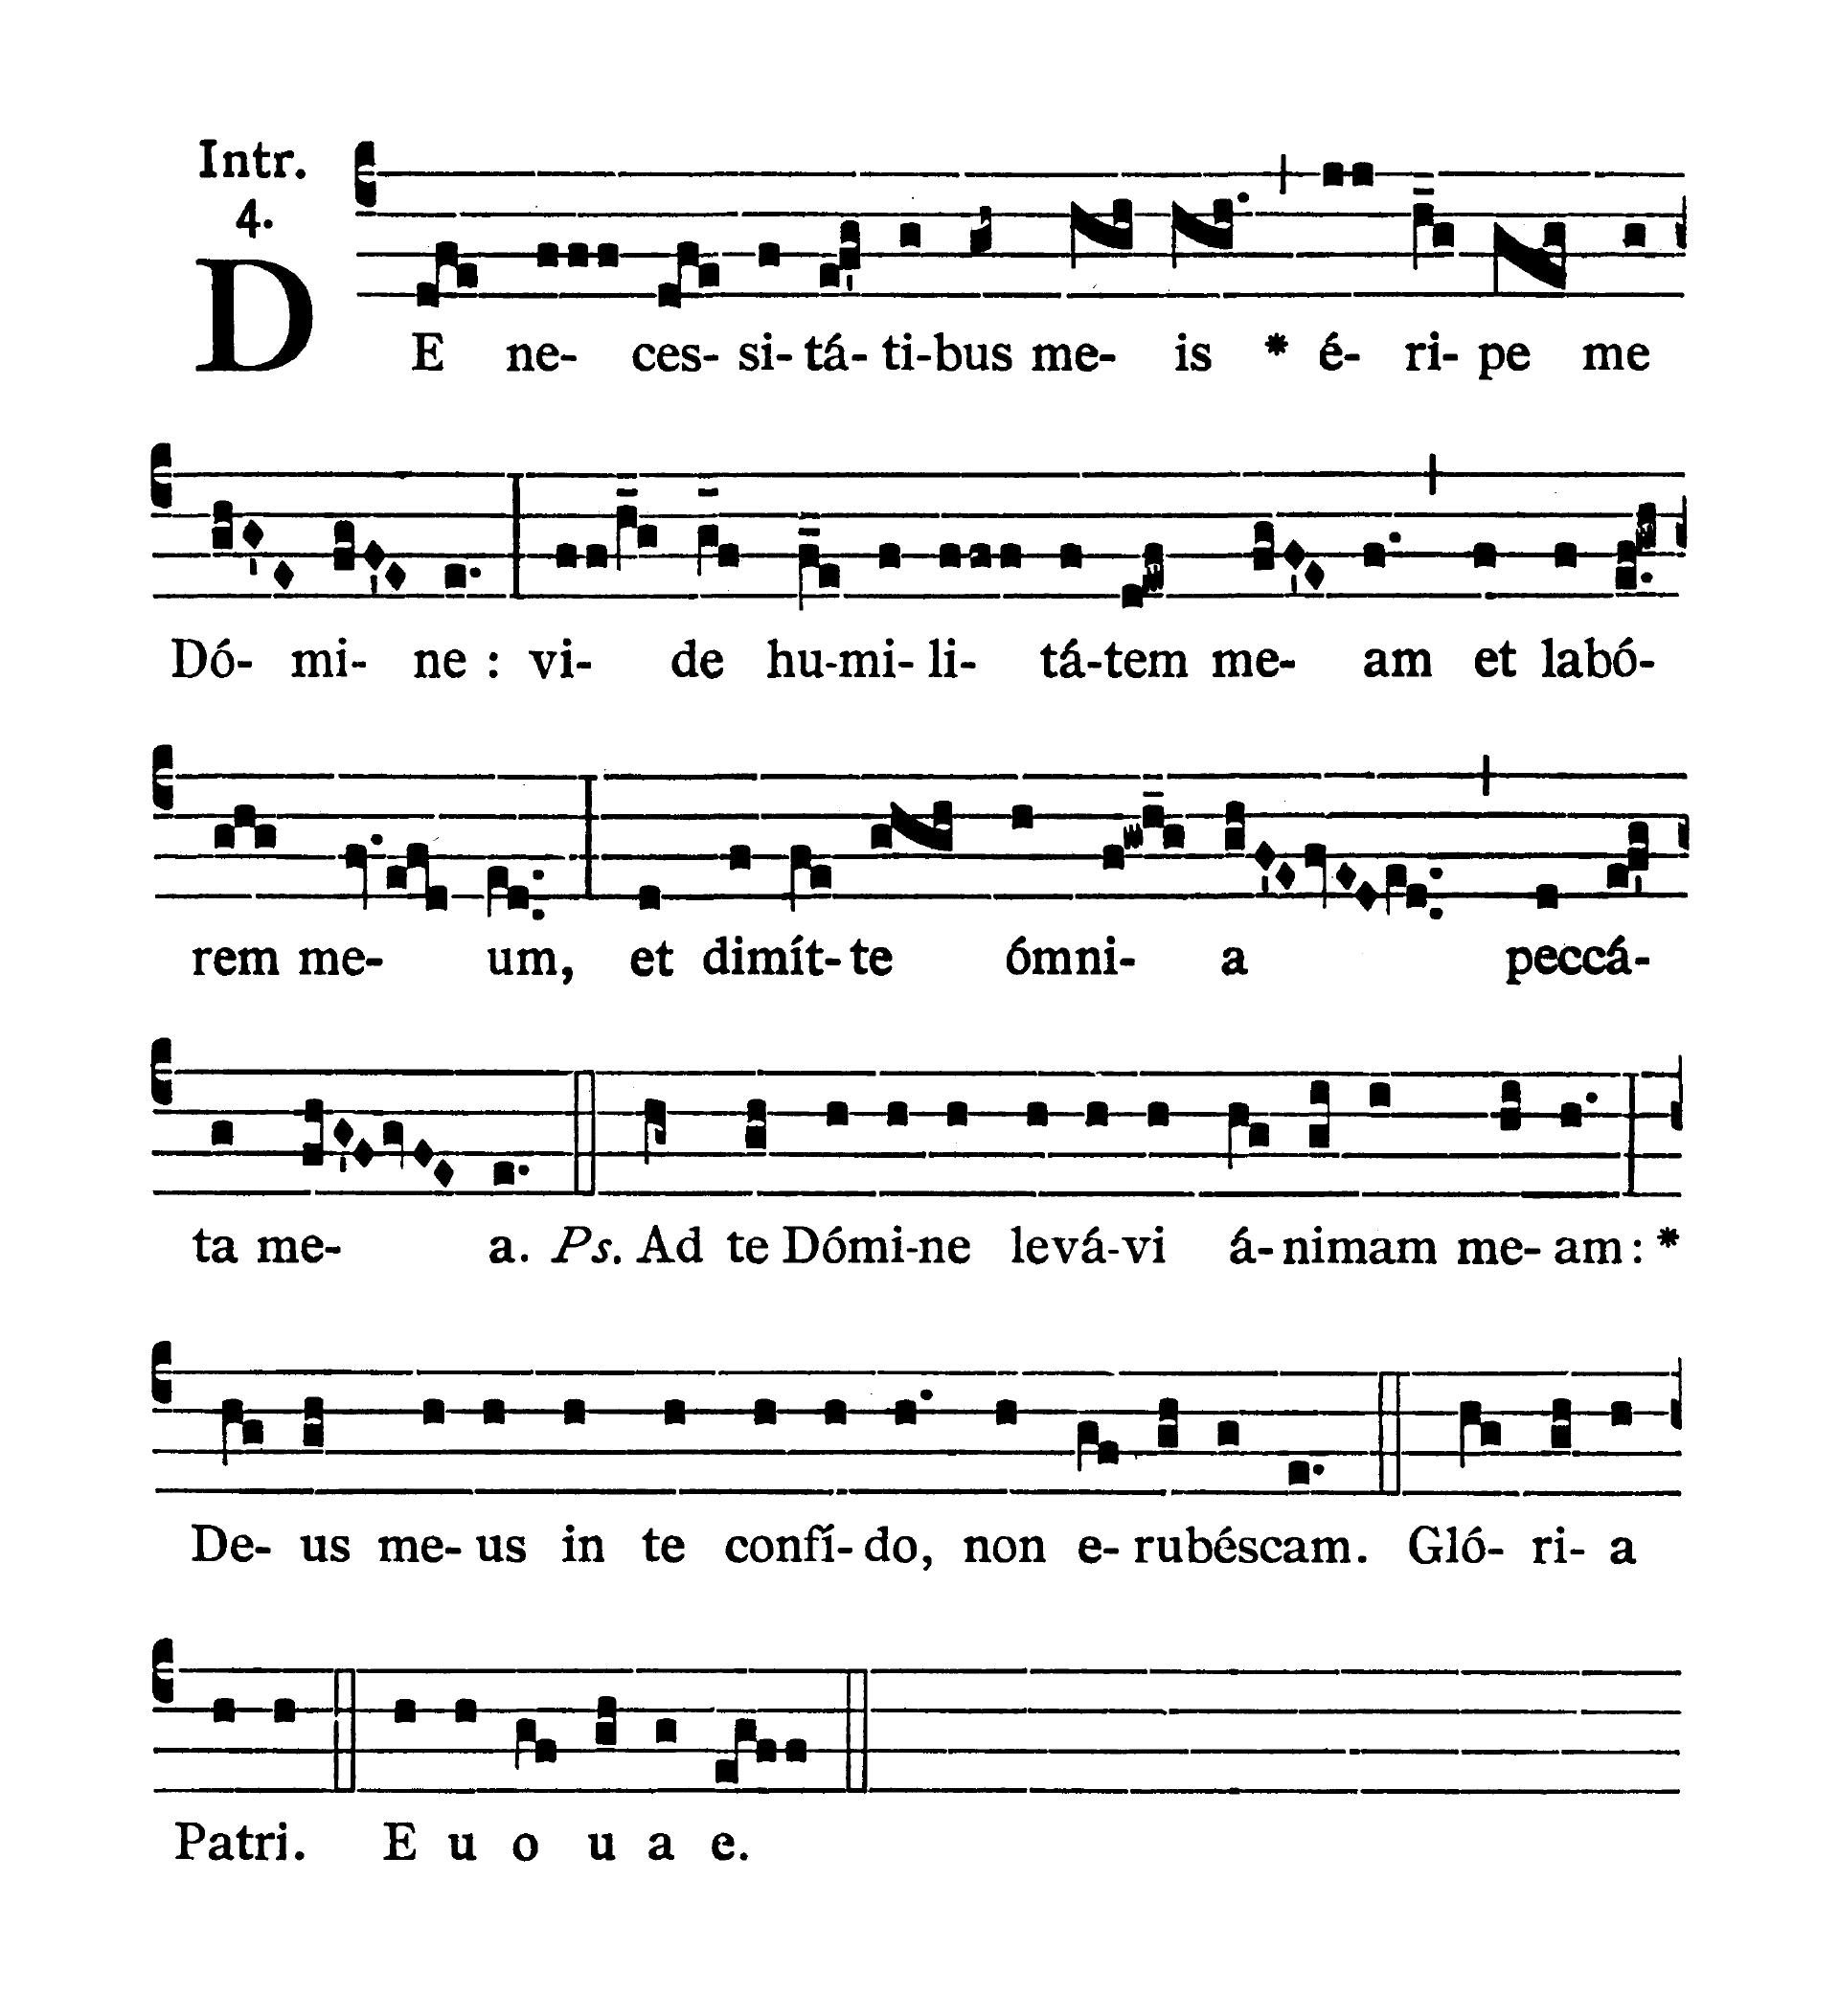 Feria VI Quatuor Temporum Quadragesimae (Piątek suchych dni Wielkiego Postu) - Introitus (De necessitatibus meis)